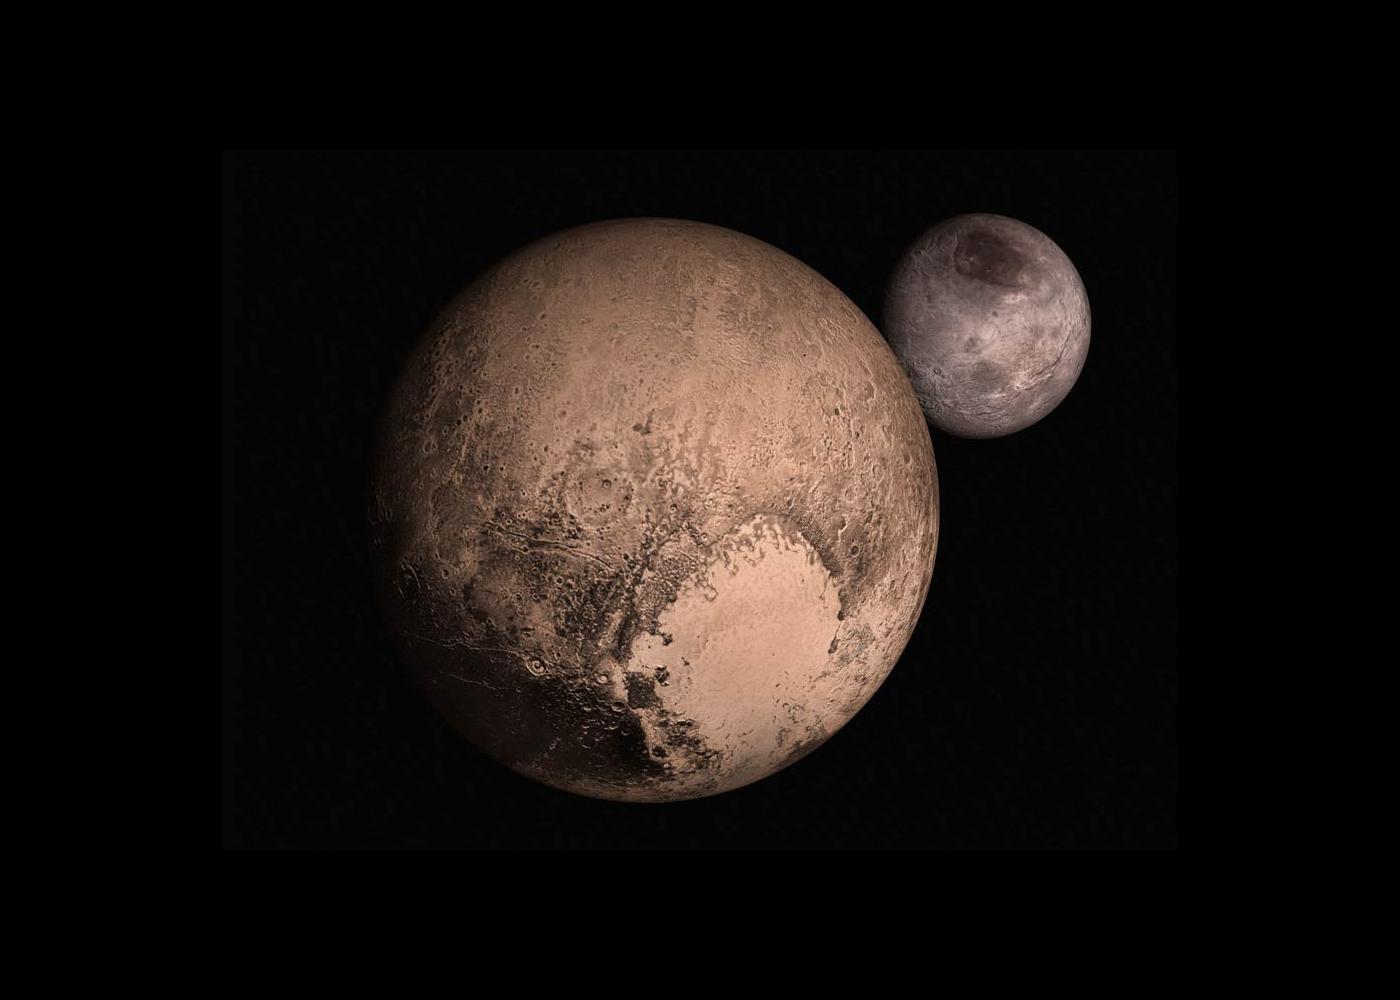 18 лютого: відкрили планету, яка більше не планета